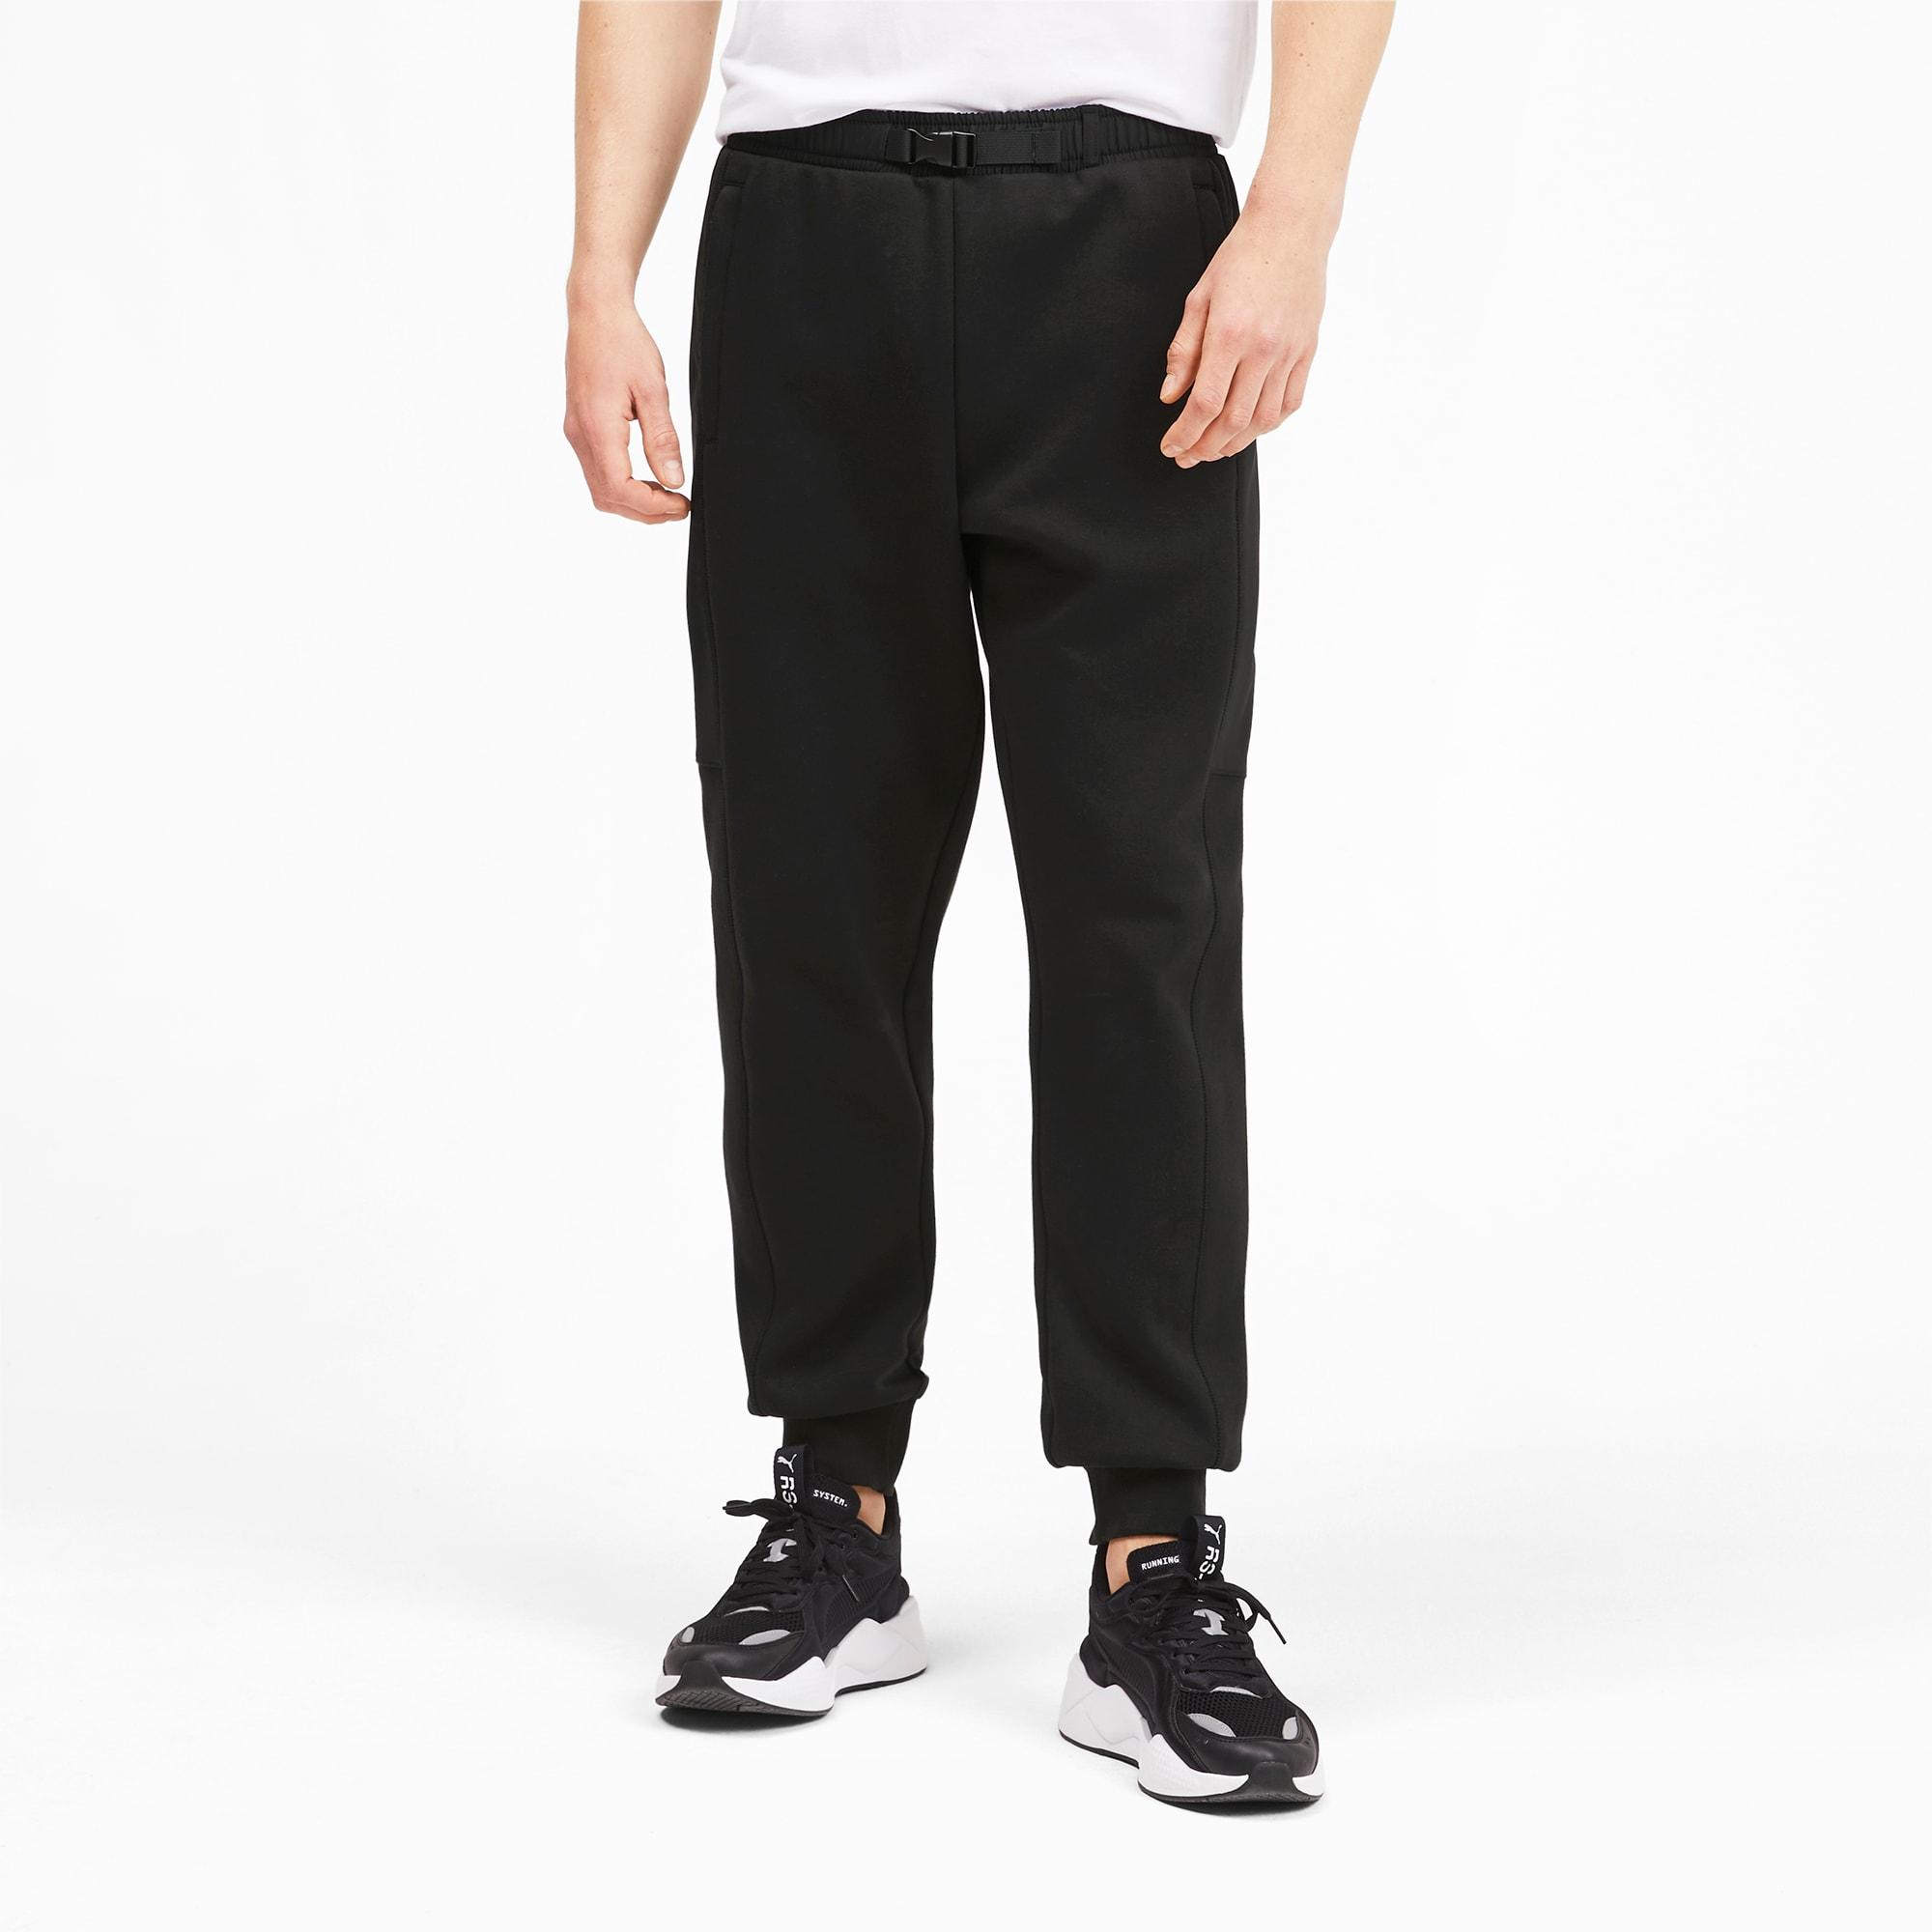 Pantalones de Chándal de Hombre Epoch Hybrid, Negro, Talla XS | PUMA Hombres